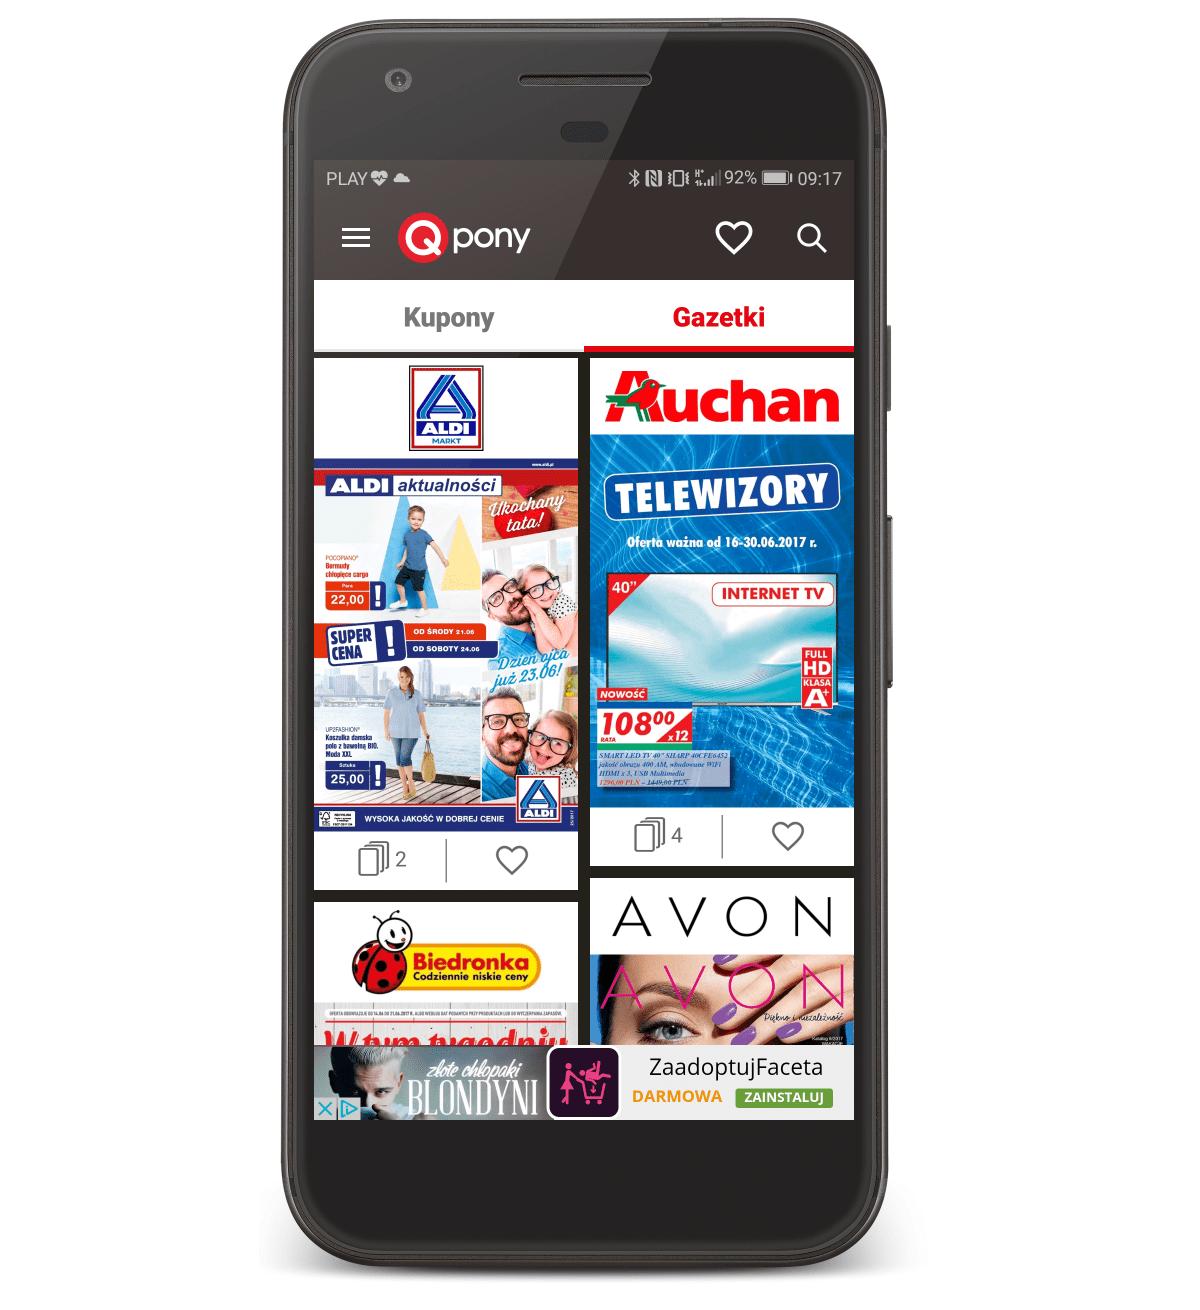 Qpony to kody rabatowe, promocje oraz gazetki do rozmaitych sklepów zamknięte w jednej aplikacji.